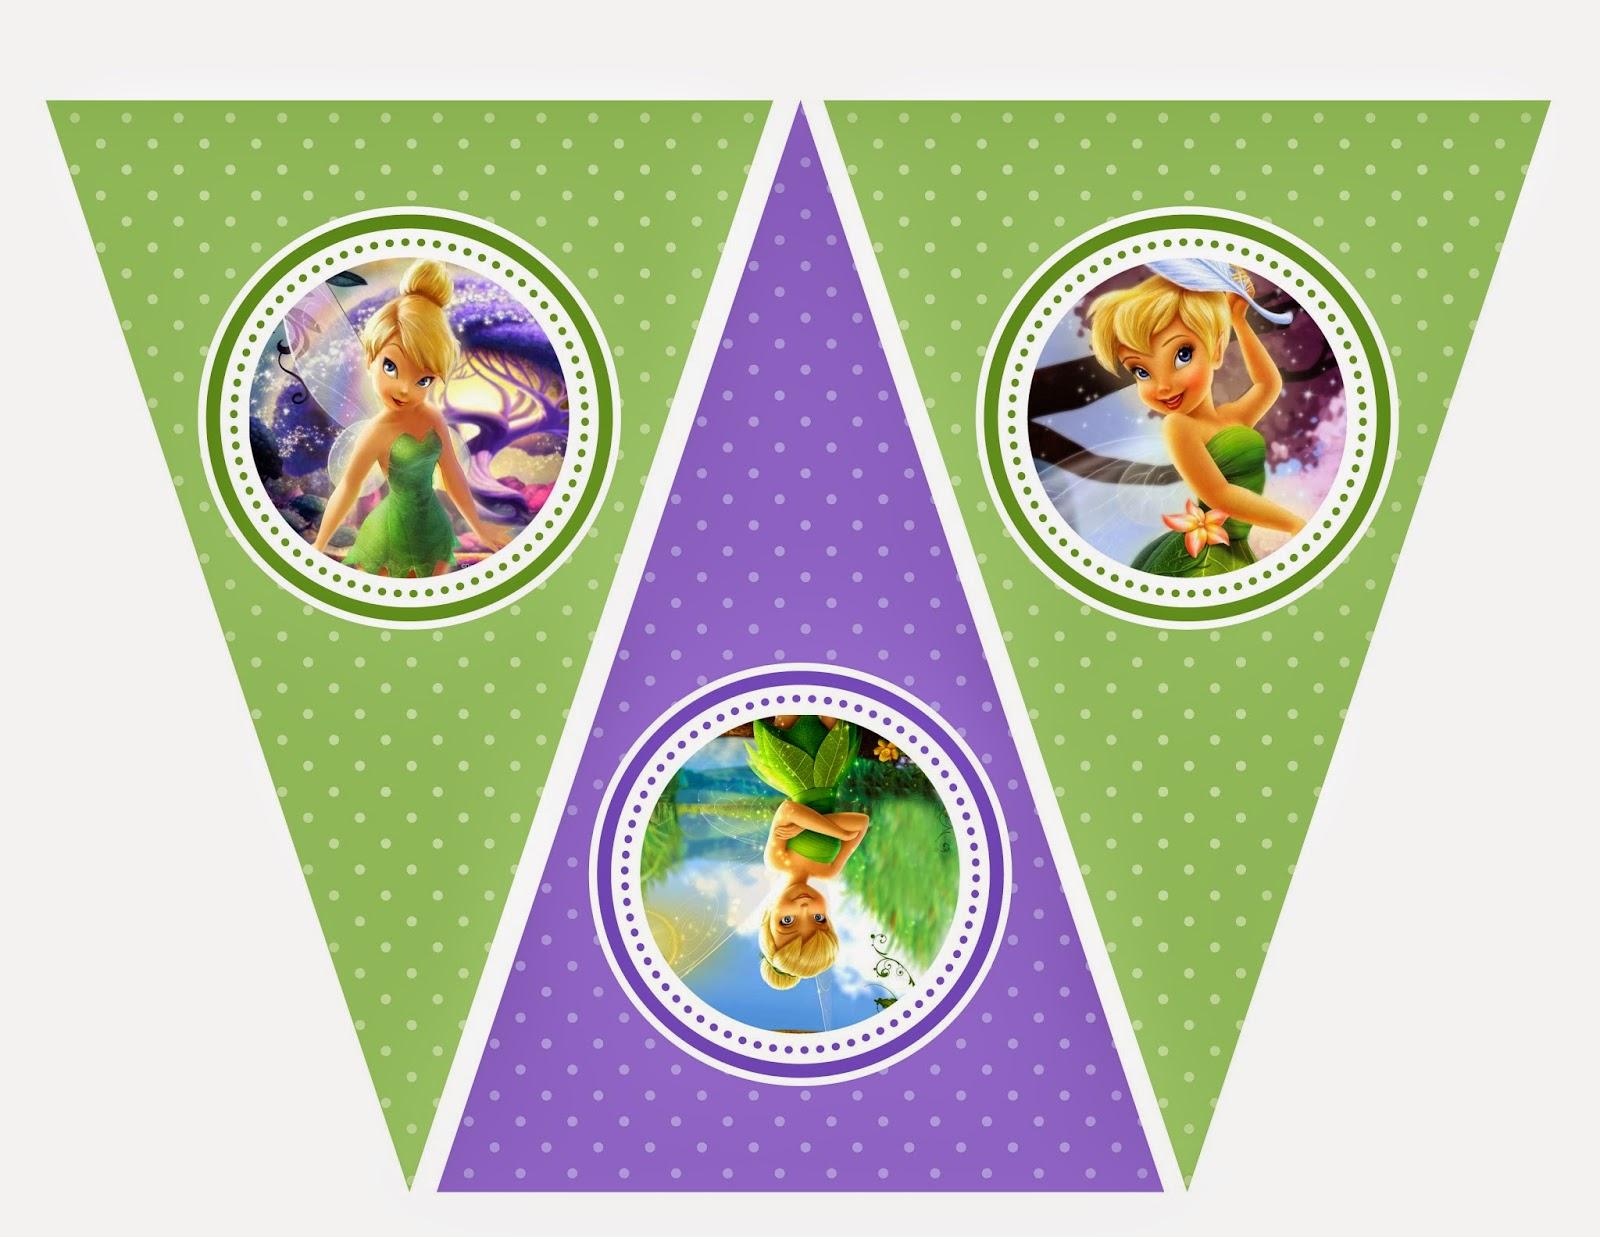 Imprimible gratis de Campanilla - Fiesta de princesas